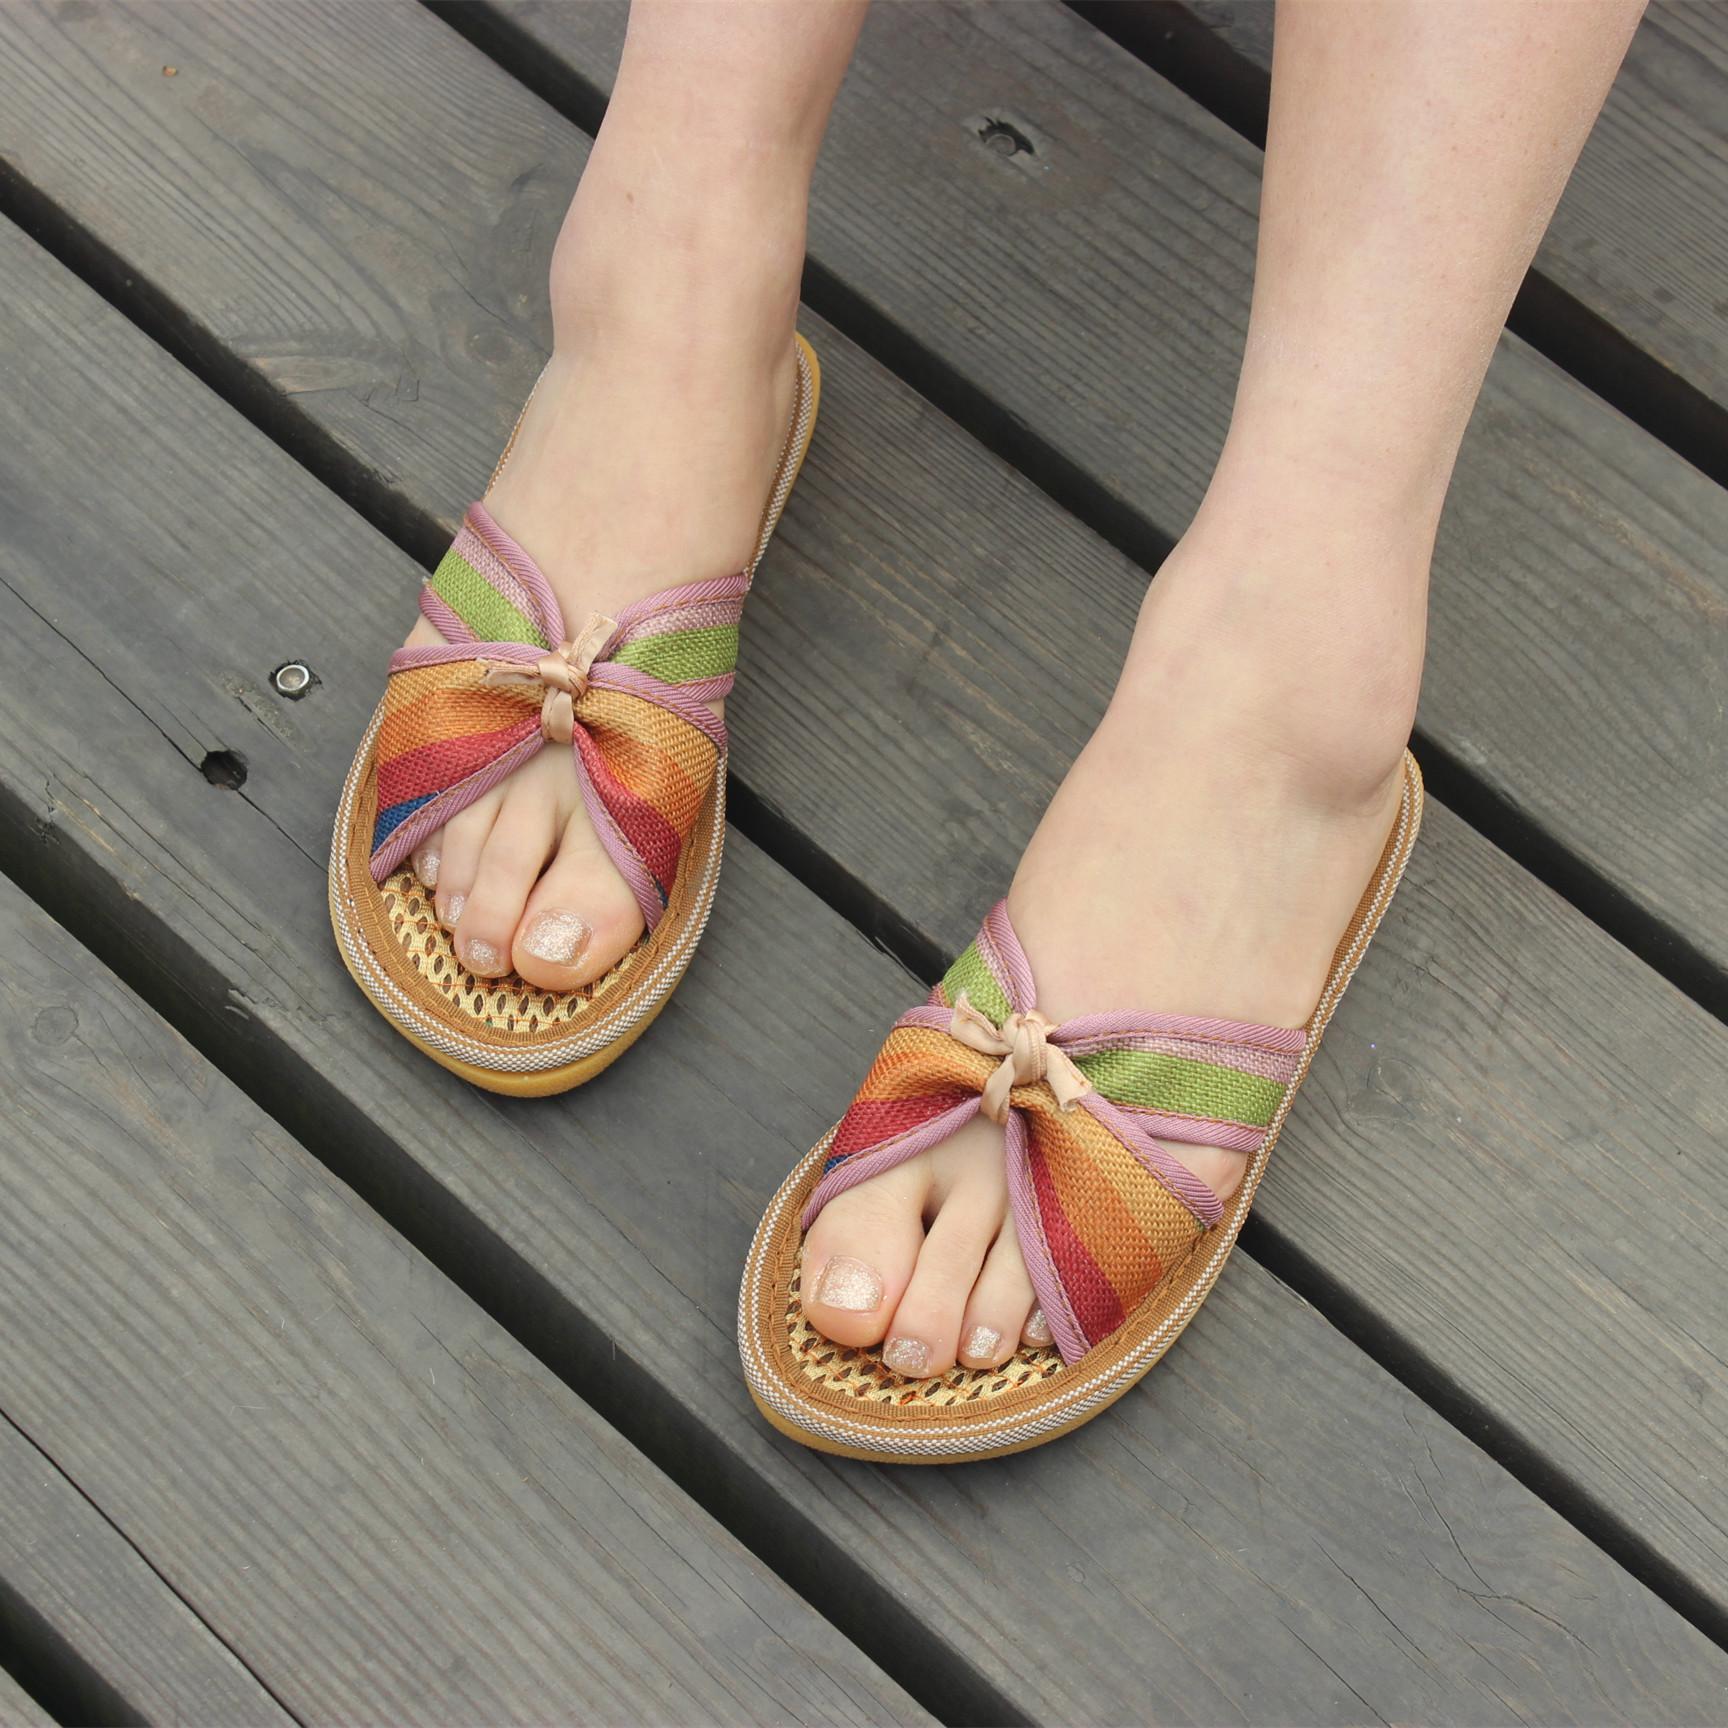 新款蝴蝶结女士平底手工棕丝鞋拖鞋女夏 透气吸汗夏季新品